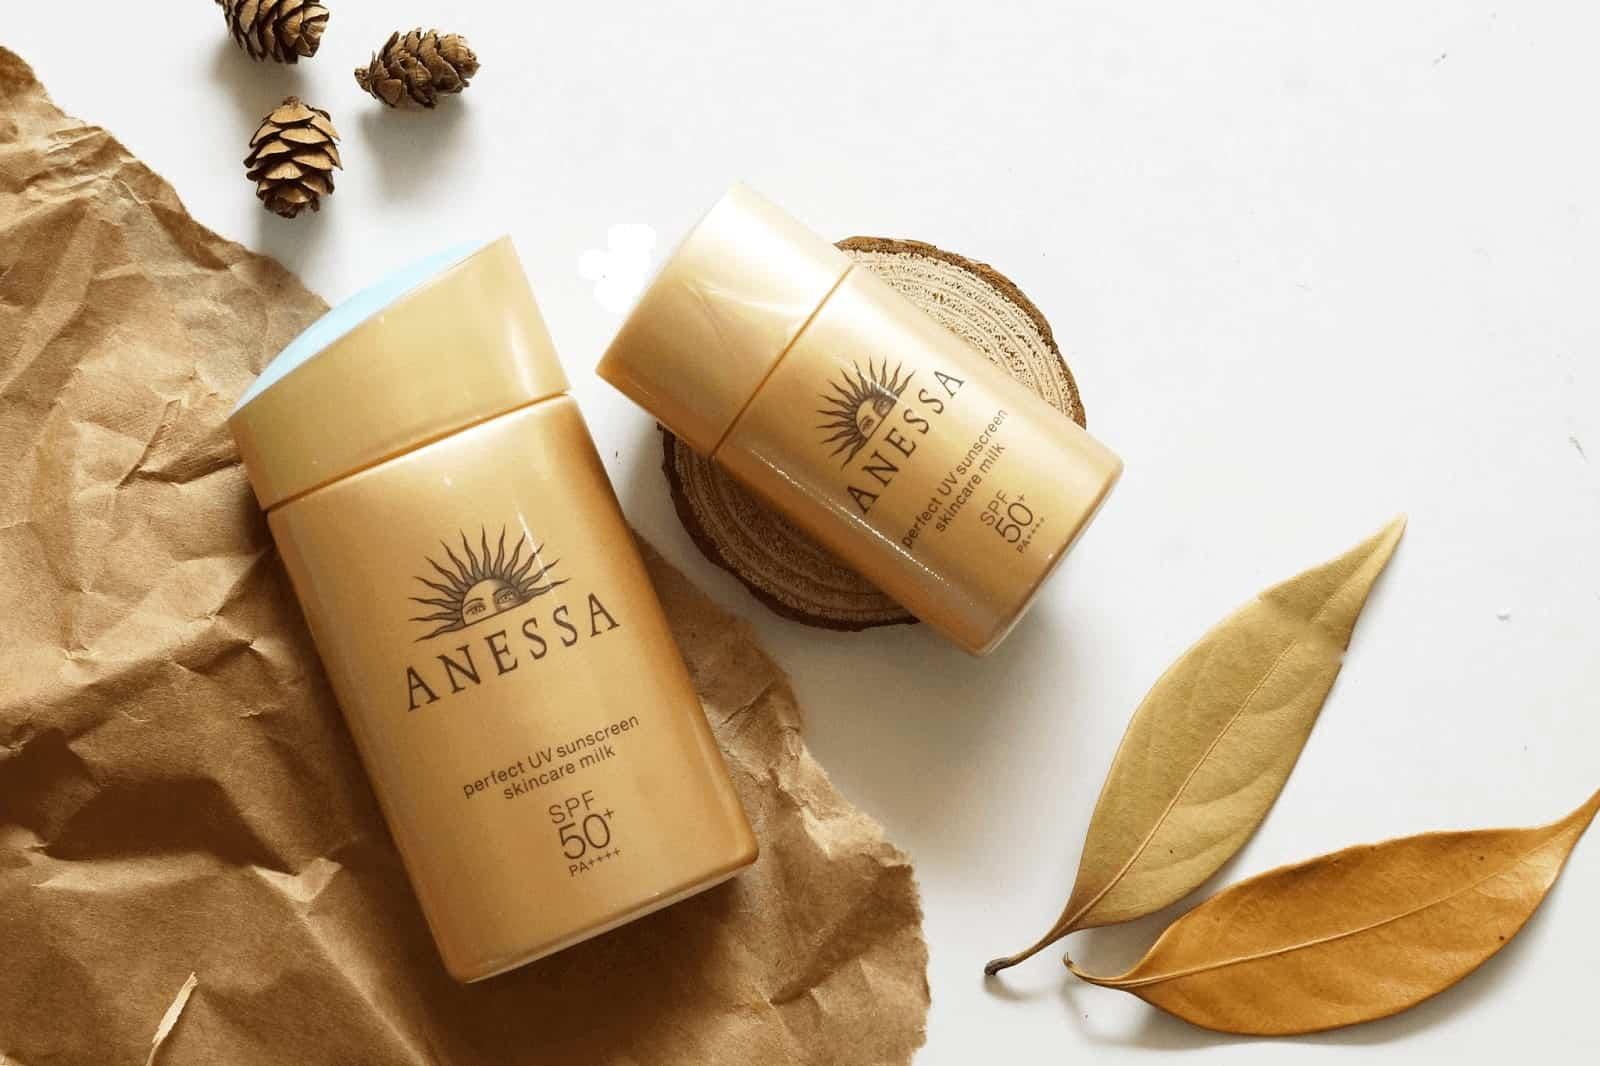 Hình ảnh sản phẩm Anessa Gold Milk